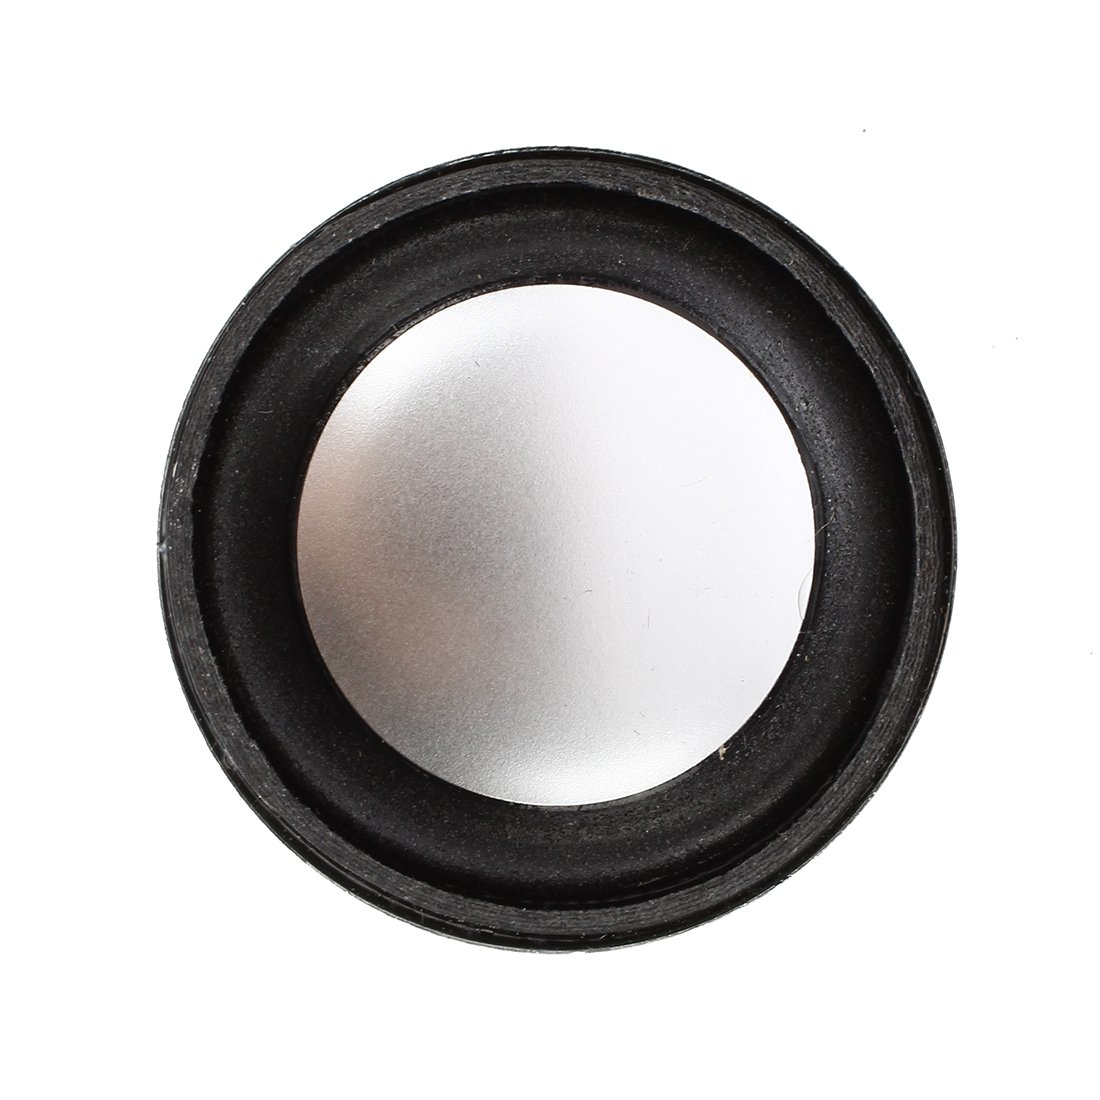 TOOGOO R 4 Piezas de Altavoces Internos de Iman de 36mm Dia 8Ohm 2W para PC Portatil